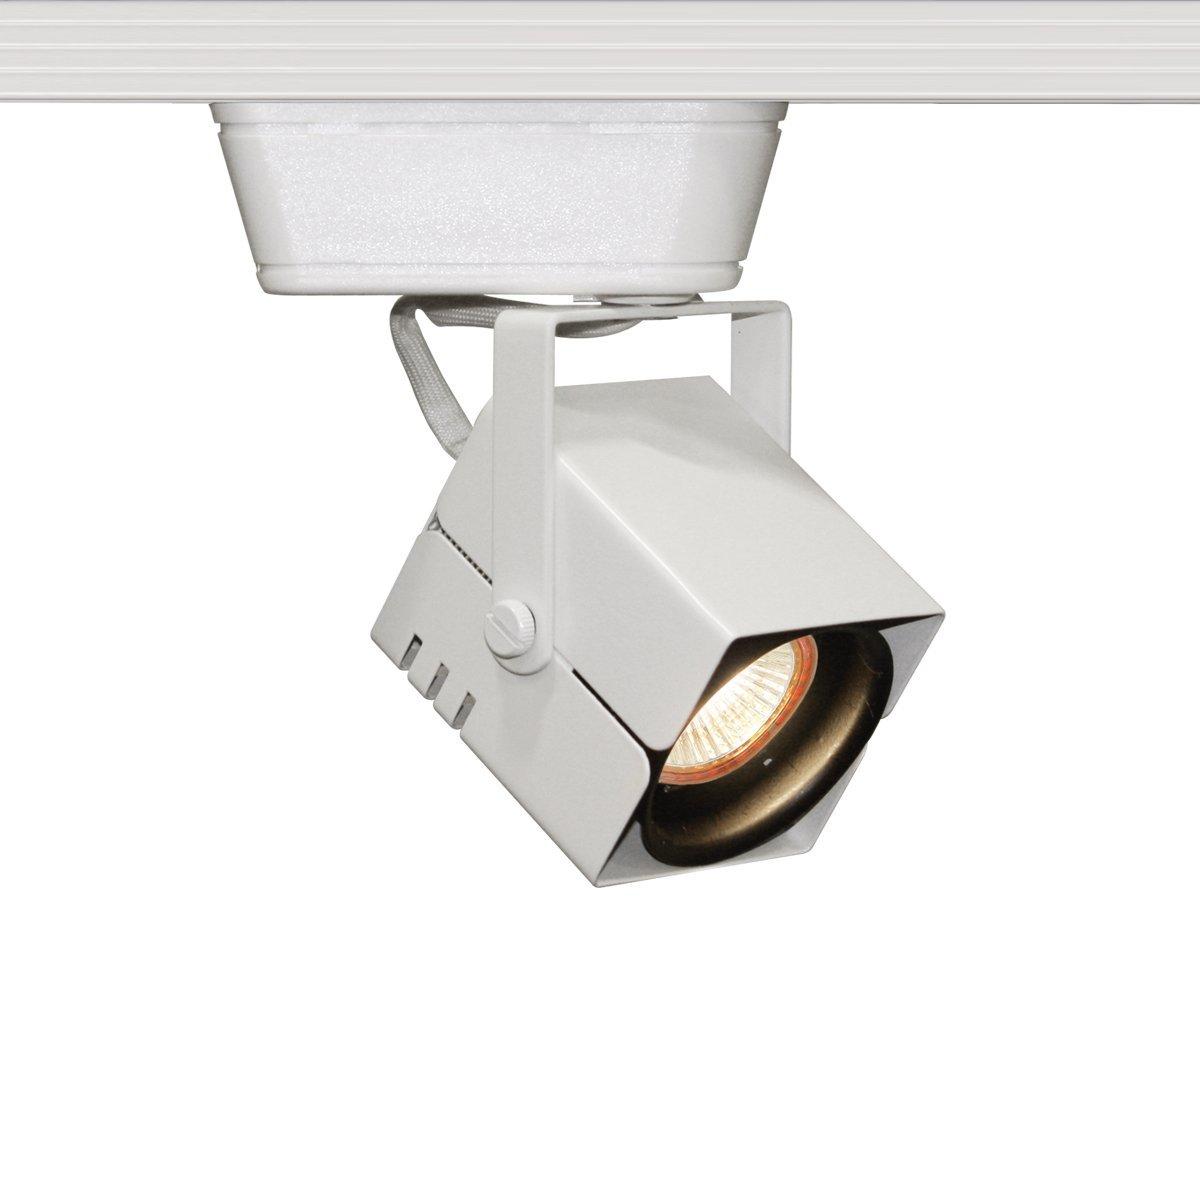 WAC Lighting JHT-801L-WT J Series Low Voltage Track Head, 75W